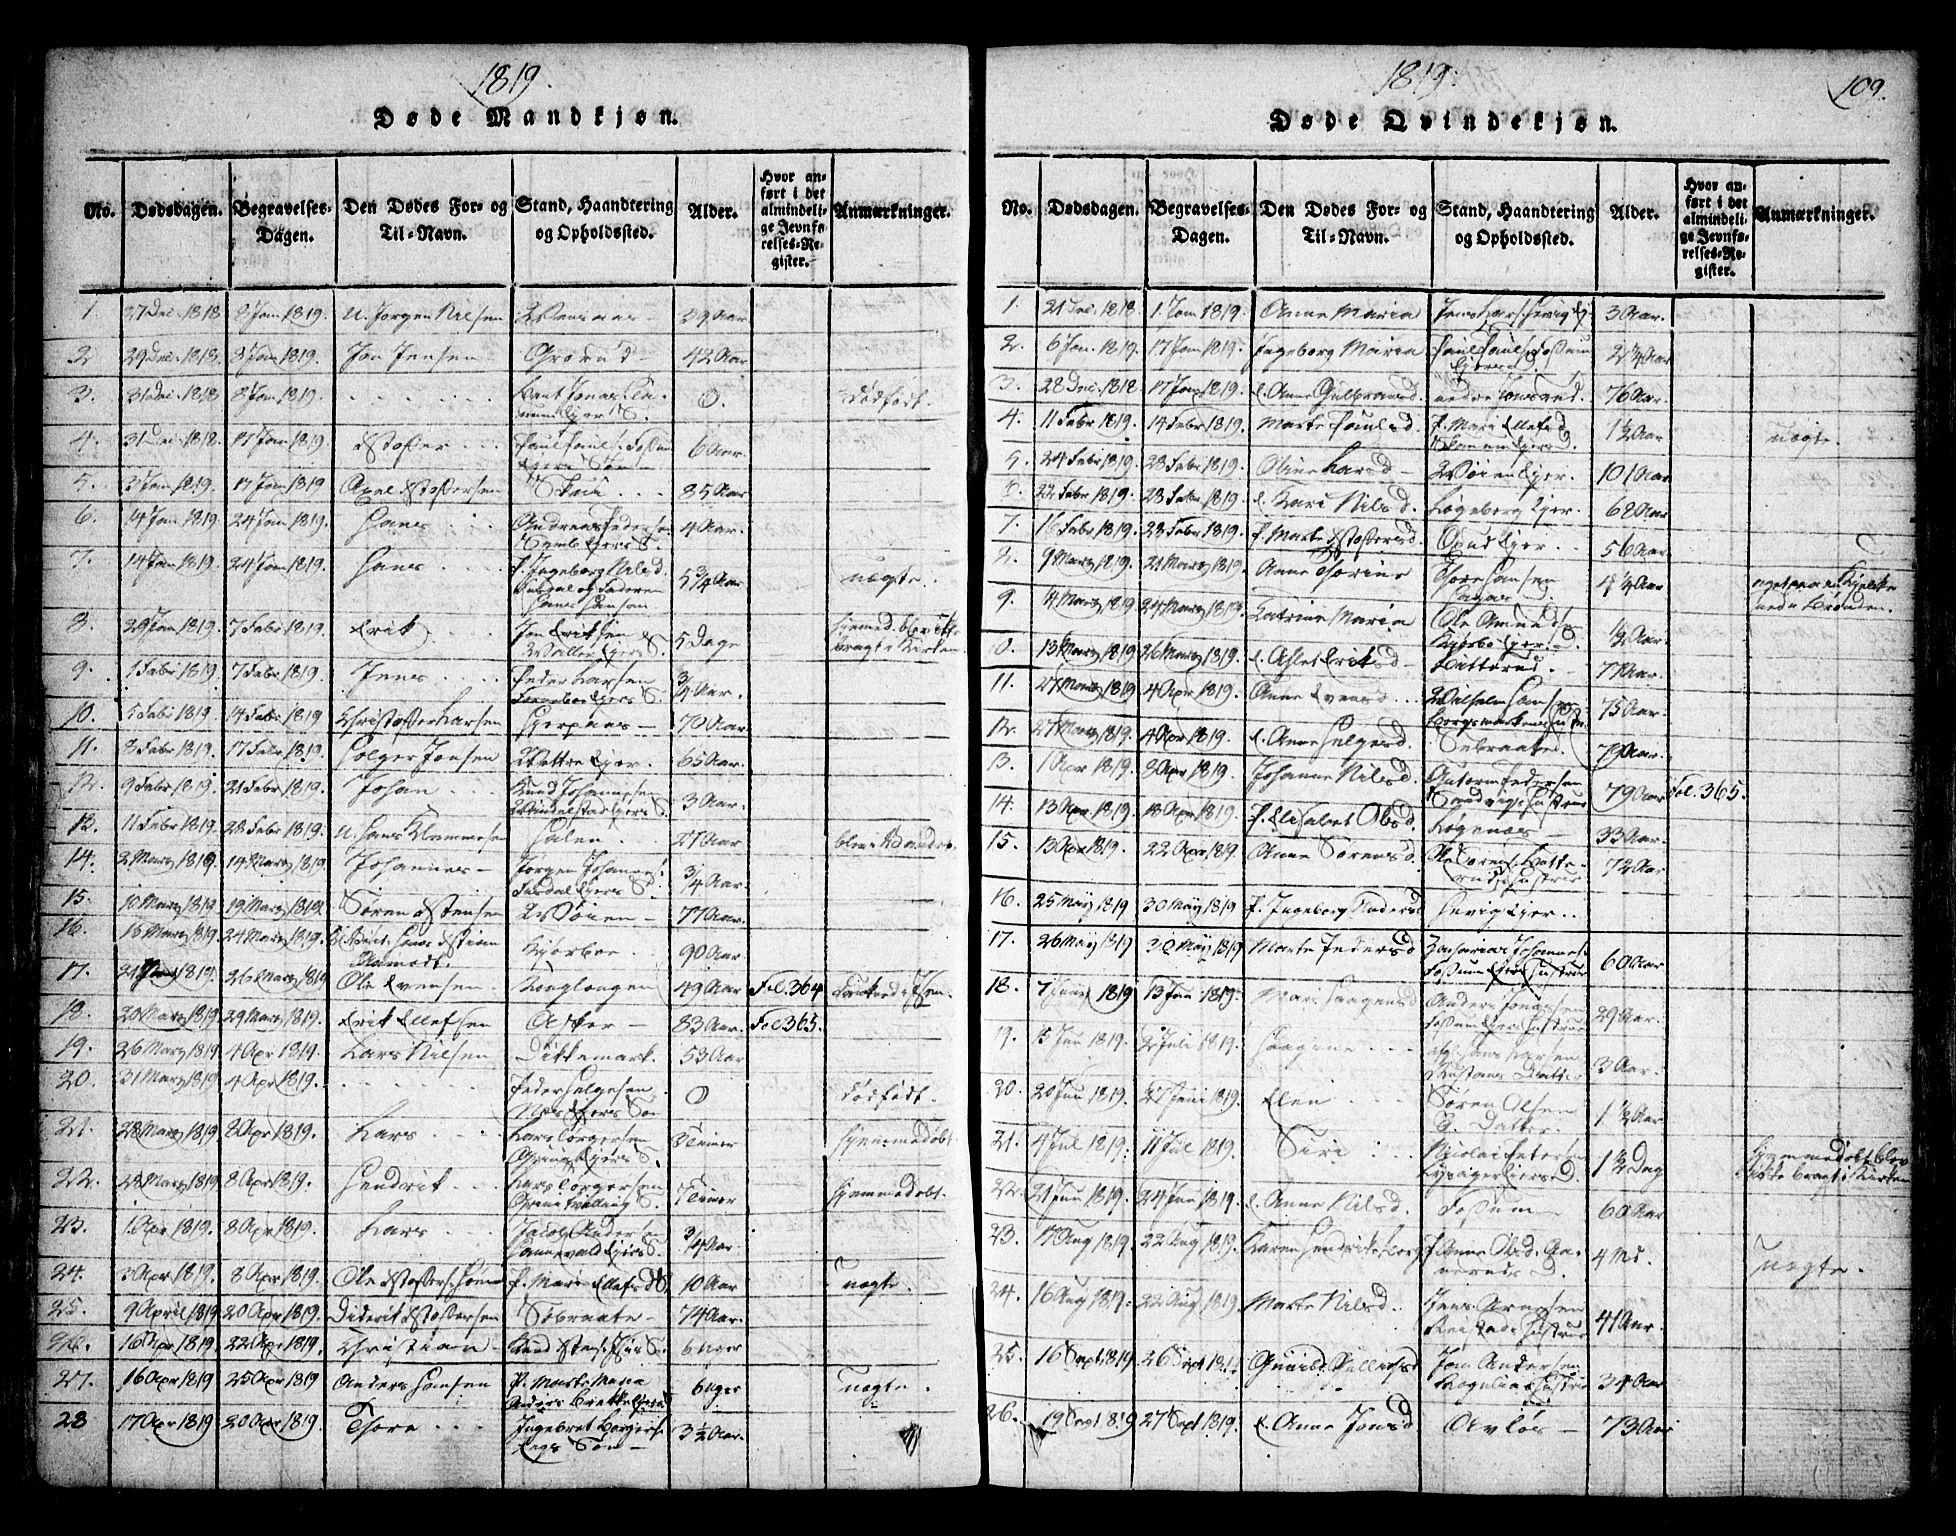 SAO, Asker prestekontor Kirkebøker, F/Fa/L0006: Ministerialbok nr. I 6, 1814-1824, s. 109